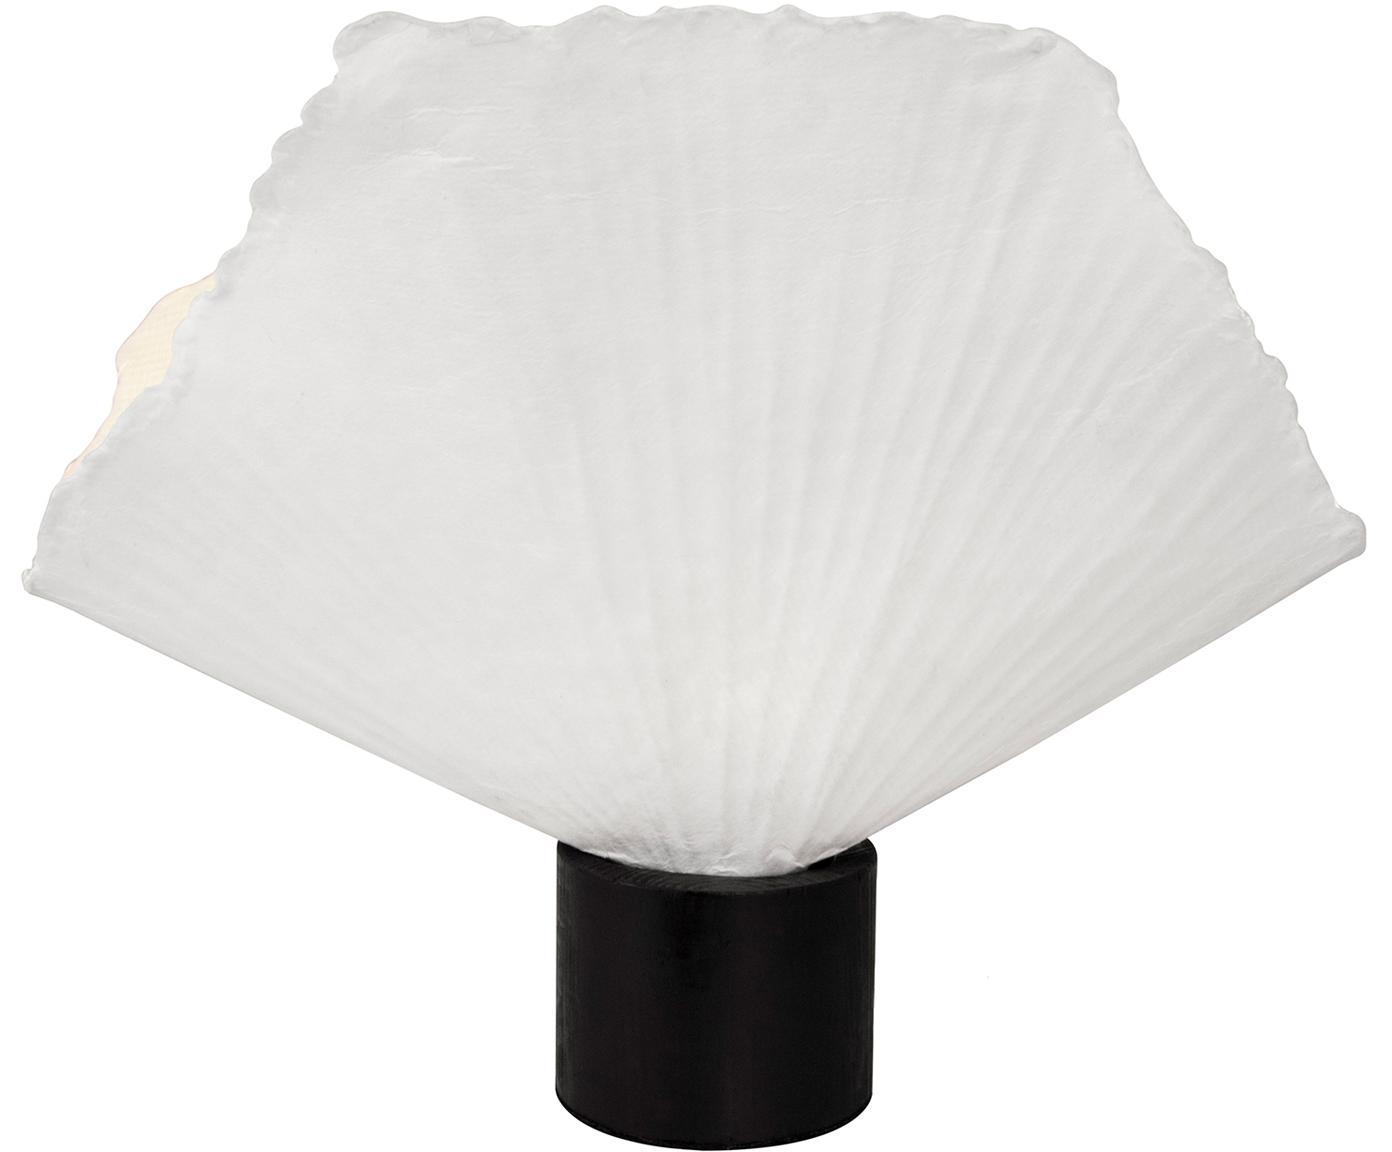 Design Tischleuchte Tropez aus Papier, Papier, Holz, beschichtet, Weiß, Schwarz, 43 x 35 cm